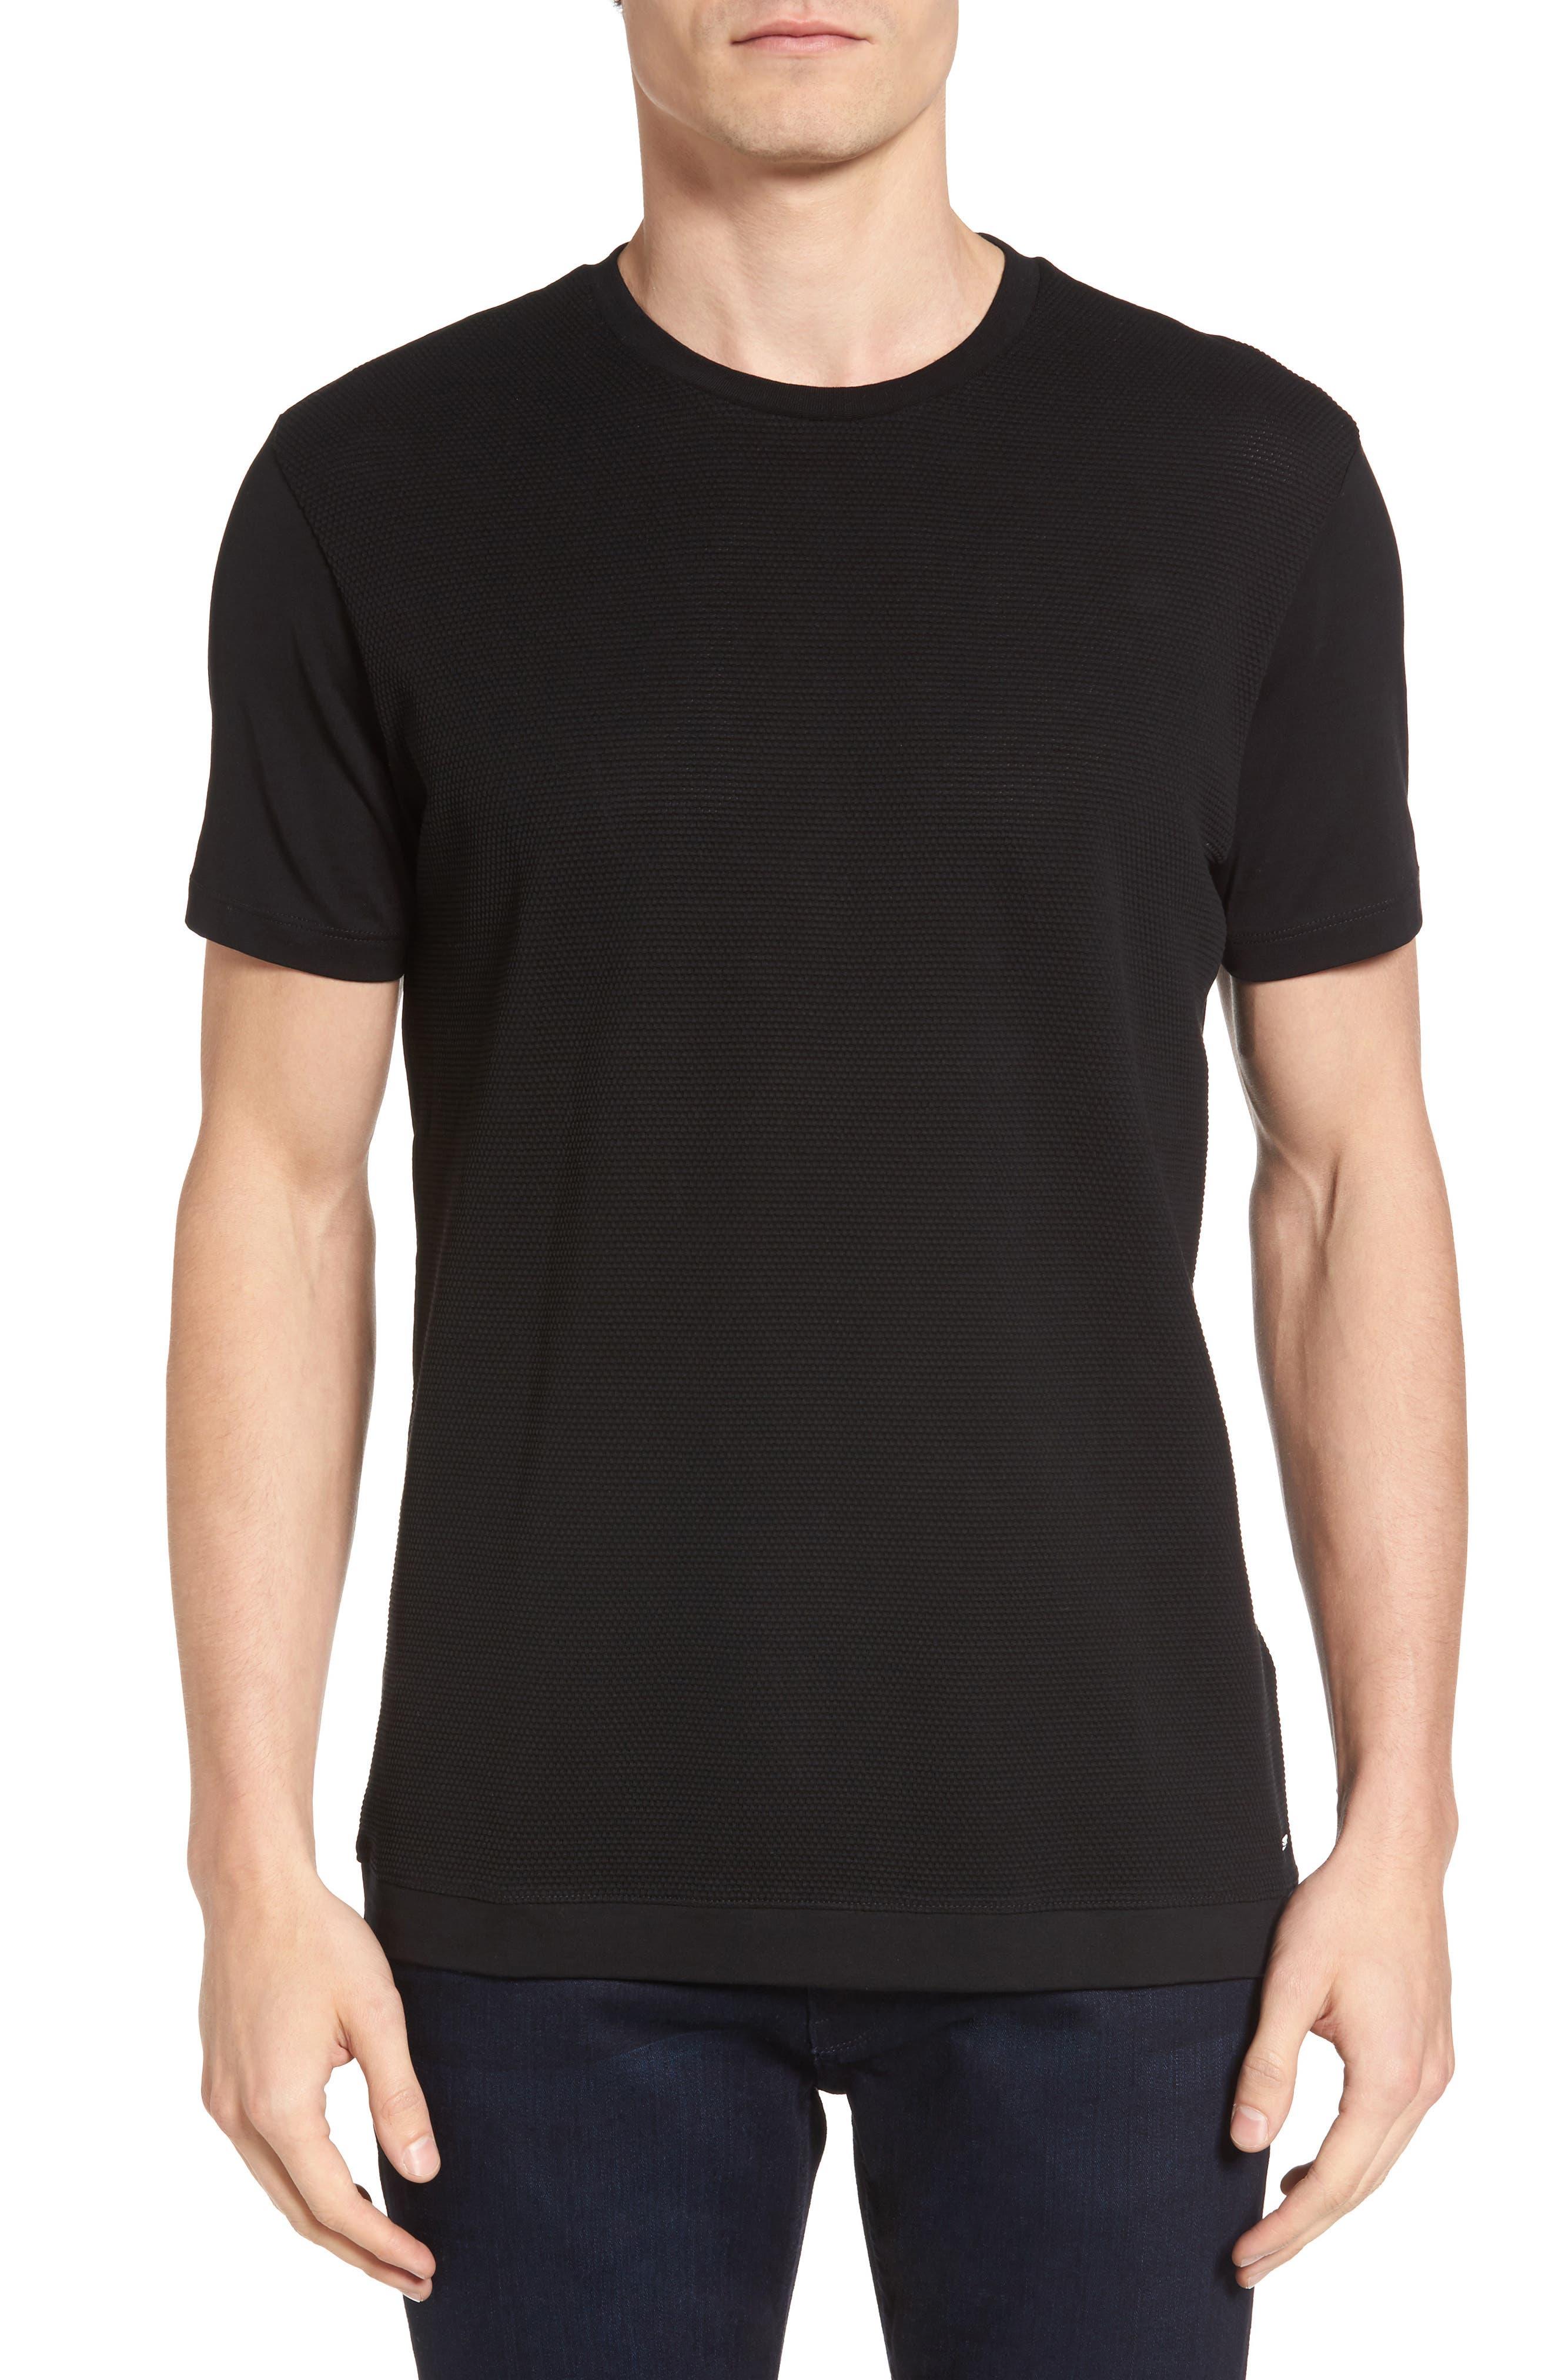 BOSS Tessler Micropattern T-Shirt